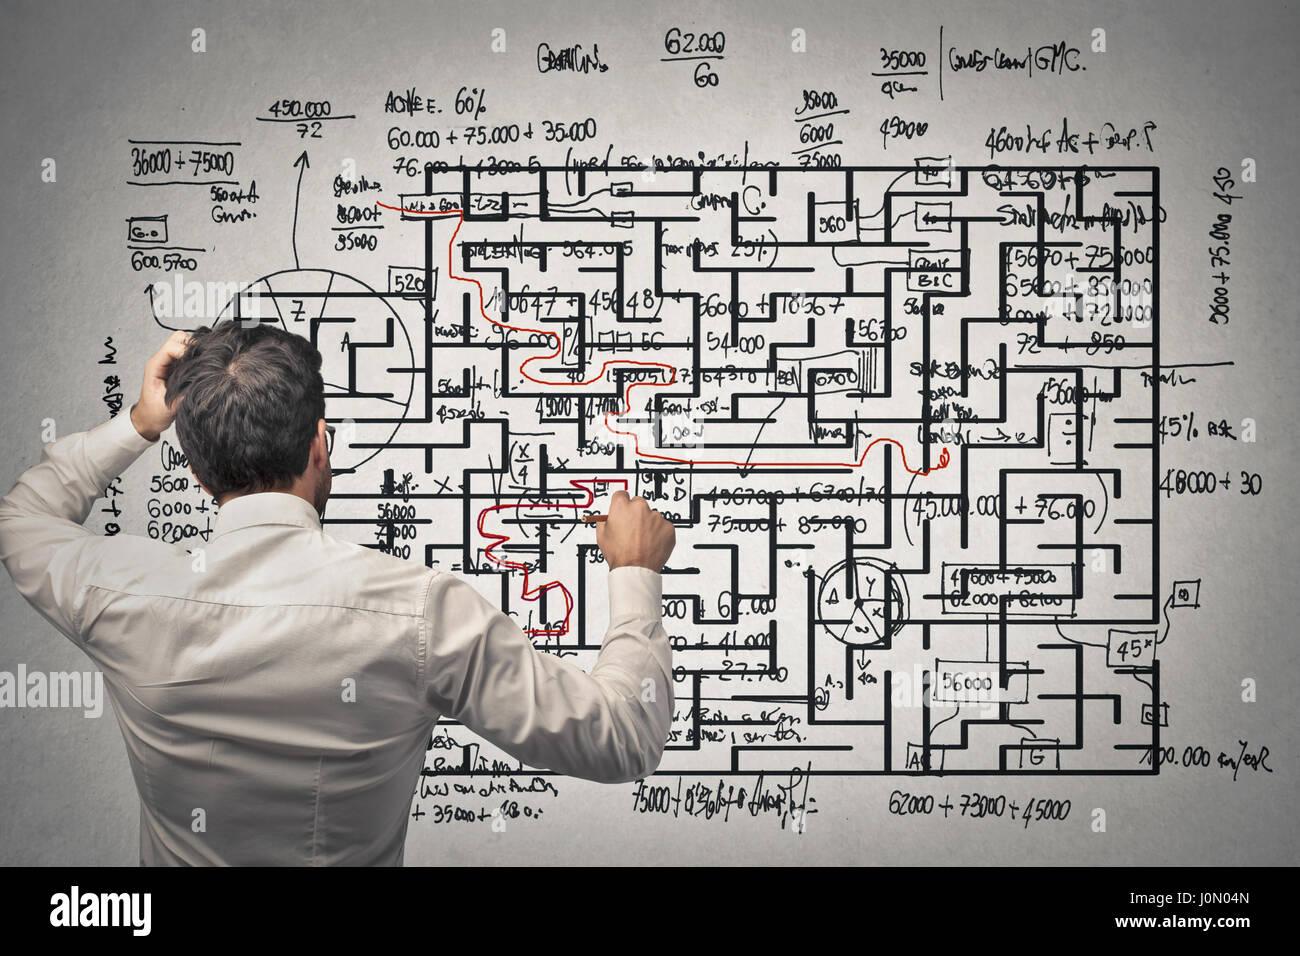 Uomo di risolvere un labirinto Immagini Stock